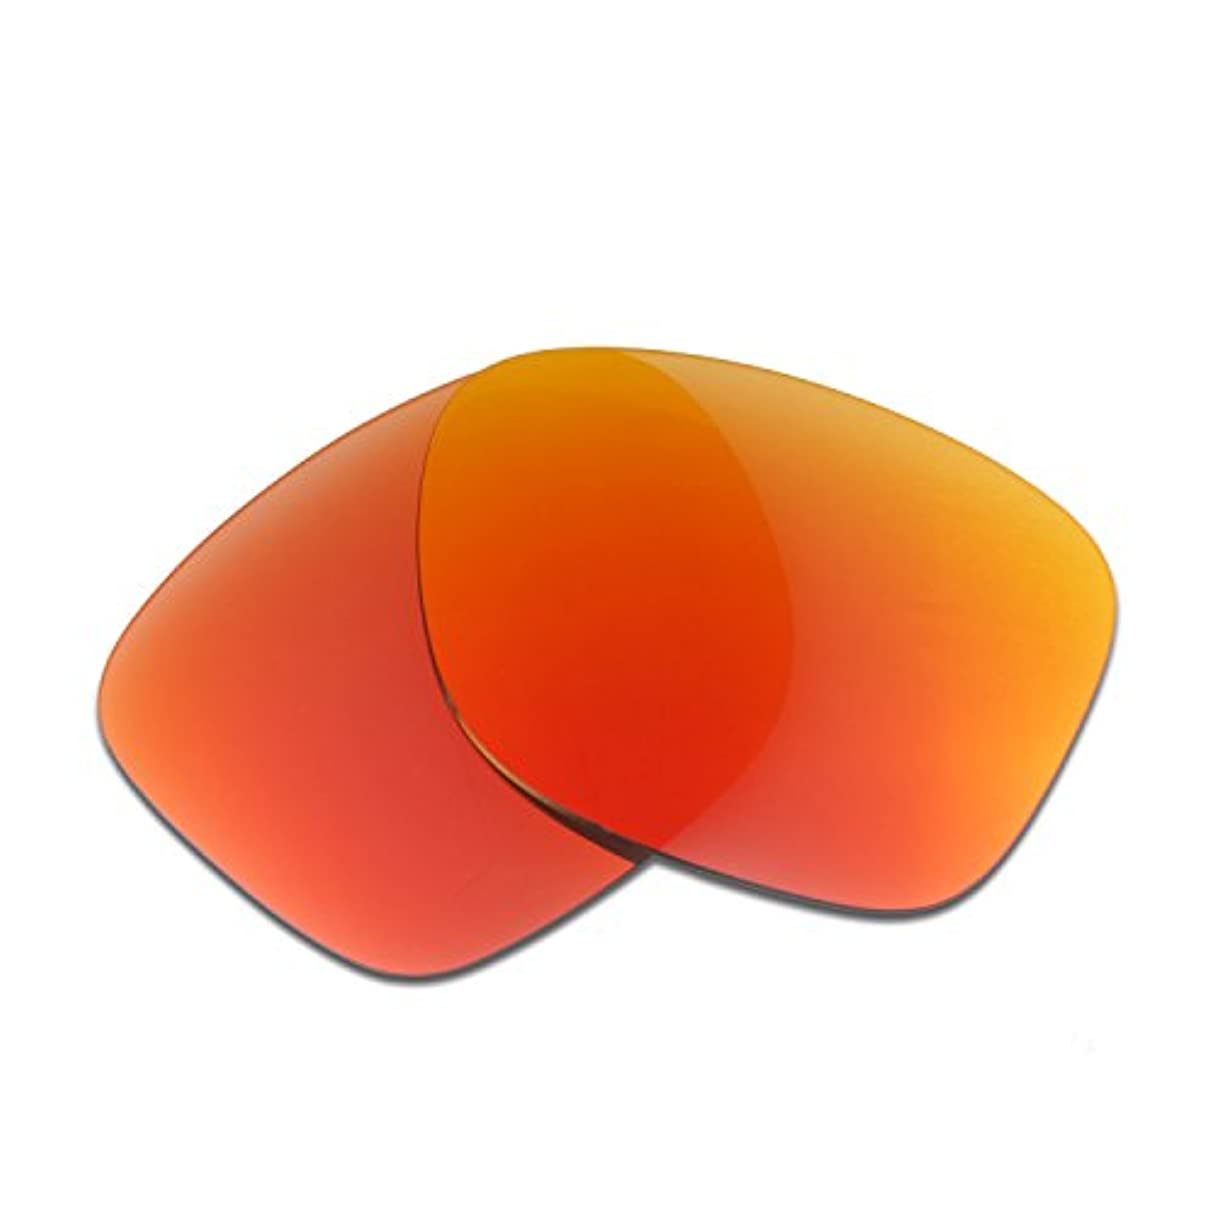 訪問瞑想する動詞Hkuco Plus 交換用レンズ Oakley Catalyst - マルチオプション型 レッド 偏光